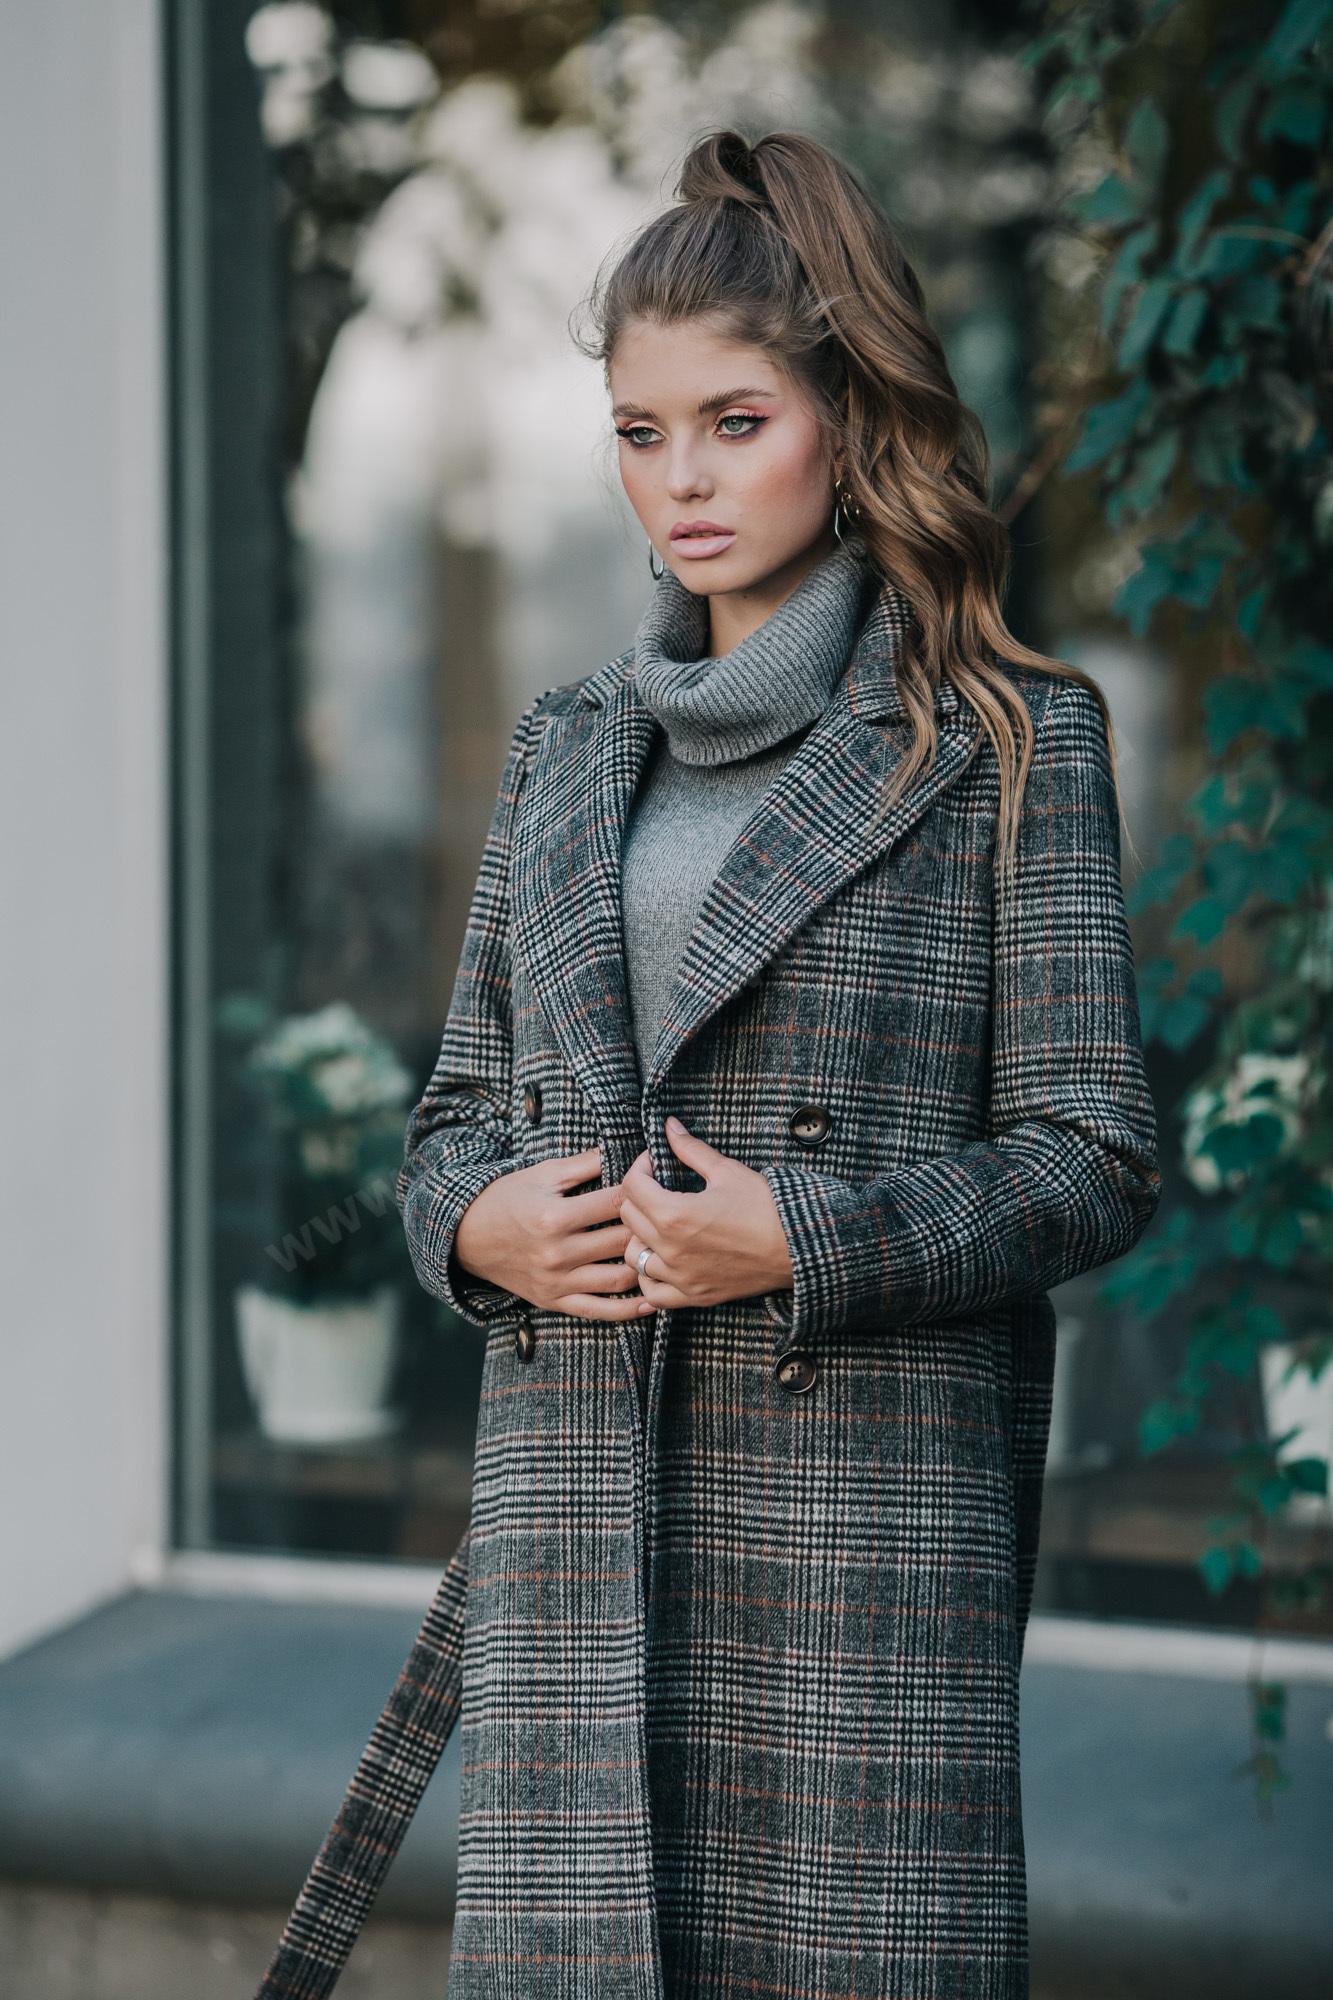 Великолепное двубортное пальто в классическом стиле с отложным английским воротником. Пальто изготовлено из шерстяной ткани с модным принтом английская клетка